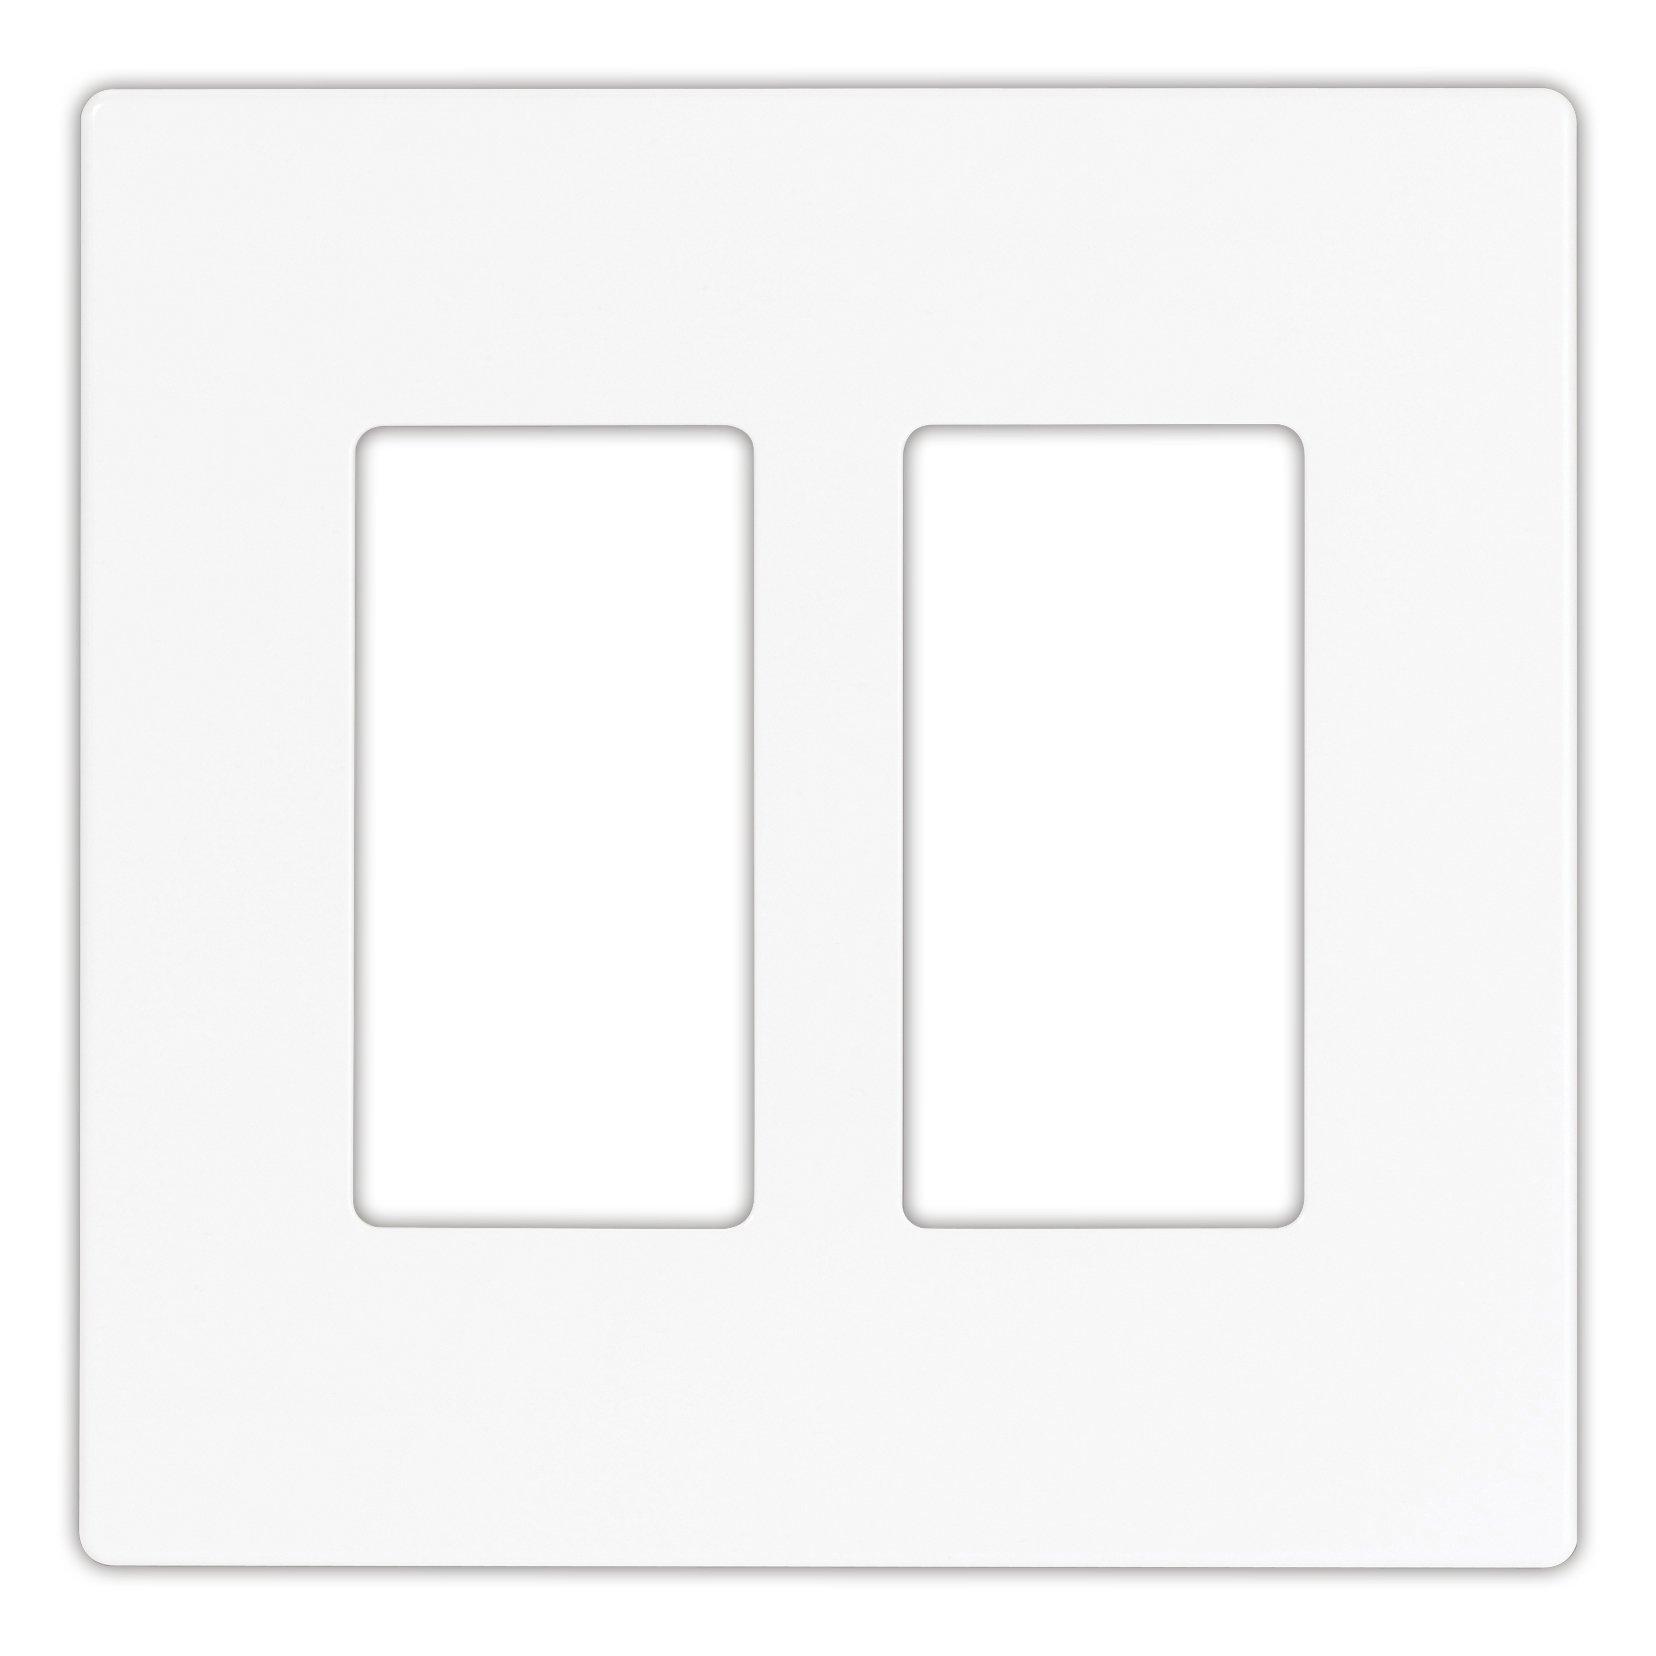 EATON PJS262W Arrow Hart Pjs262 Decorative Screw less Wall Plate, 2 Gang, 4-1/2 In L X 4.56 In W X 0.08 In T White